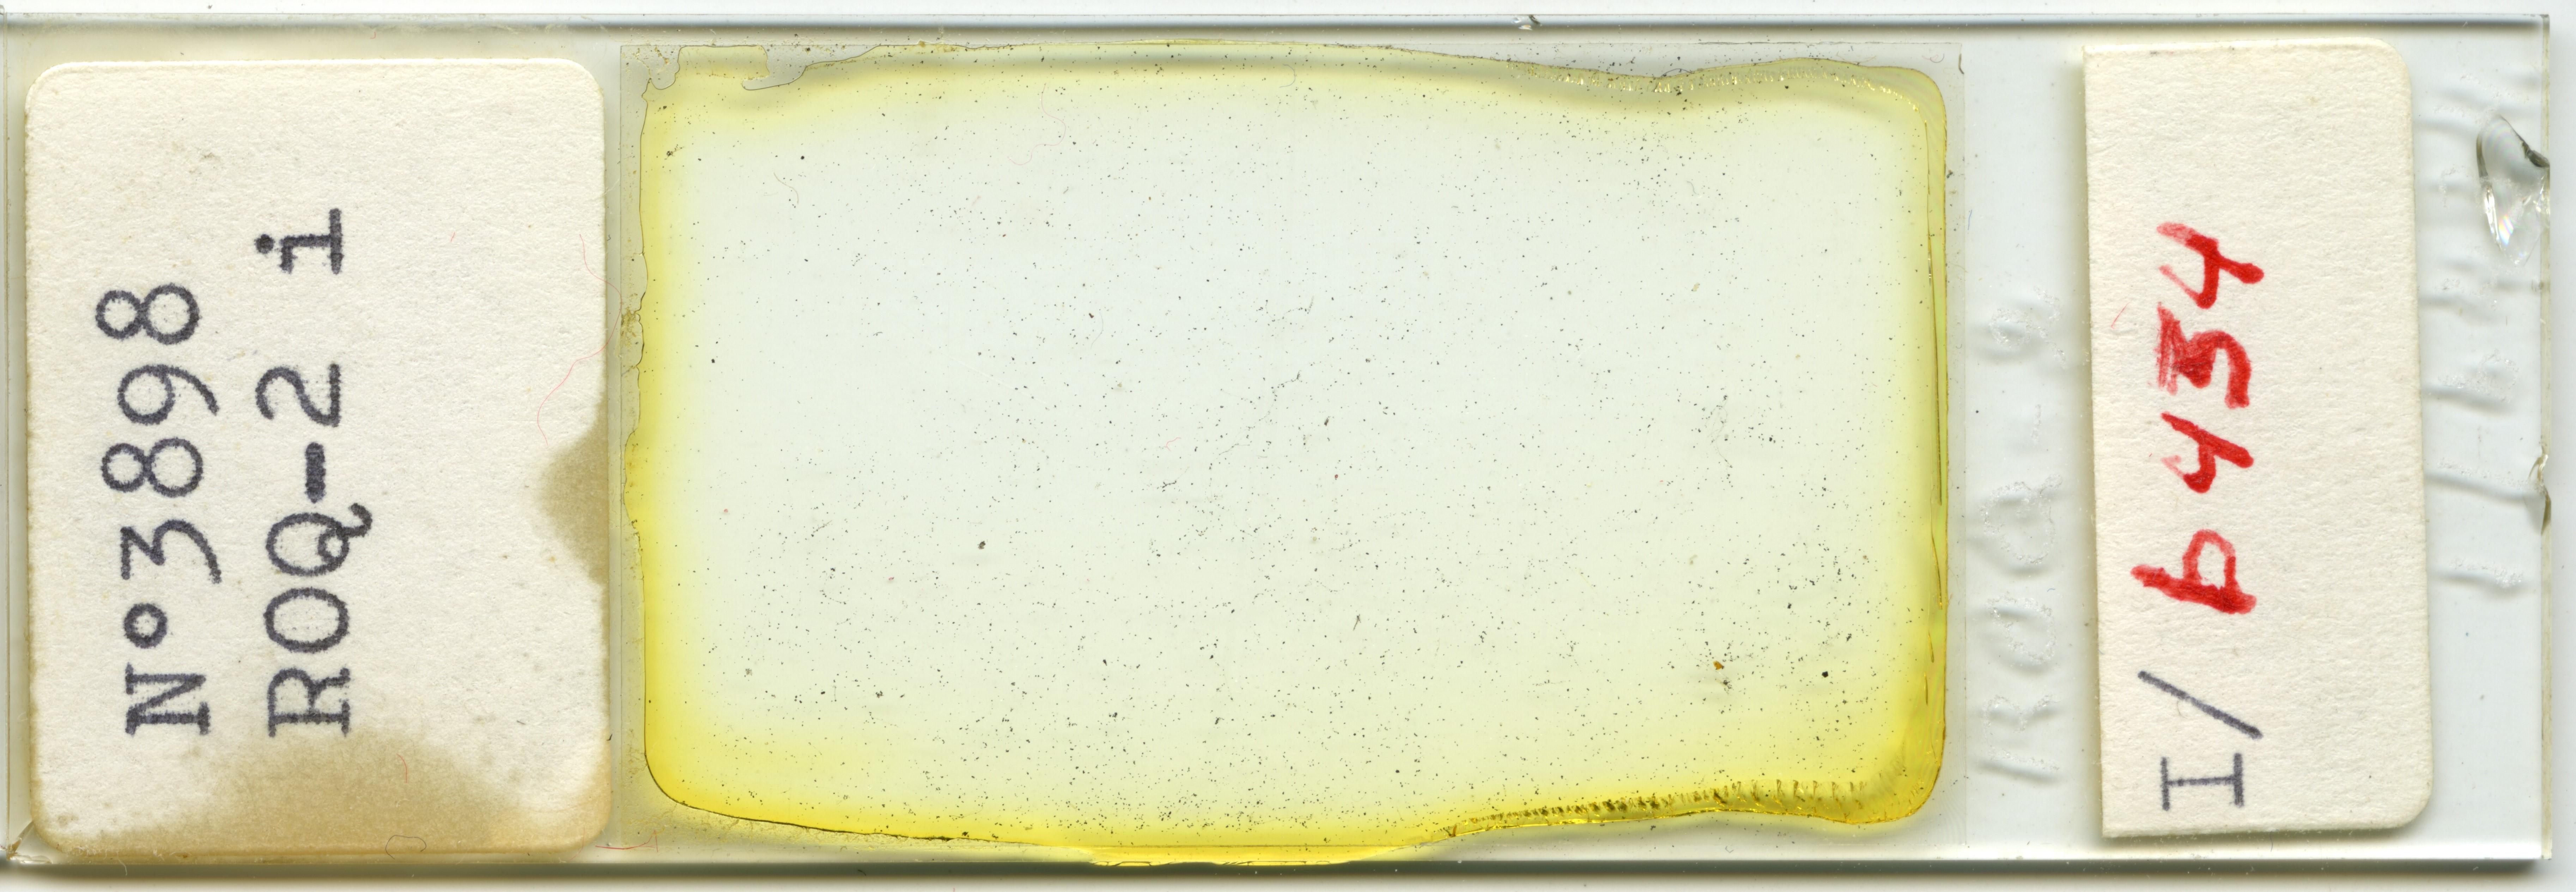 Lame n°3898 ROQ-2 i. I/b 434